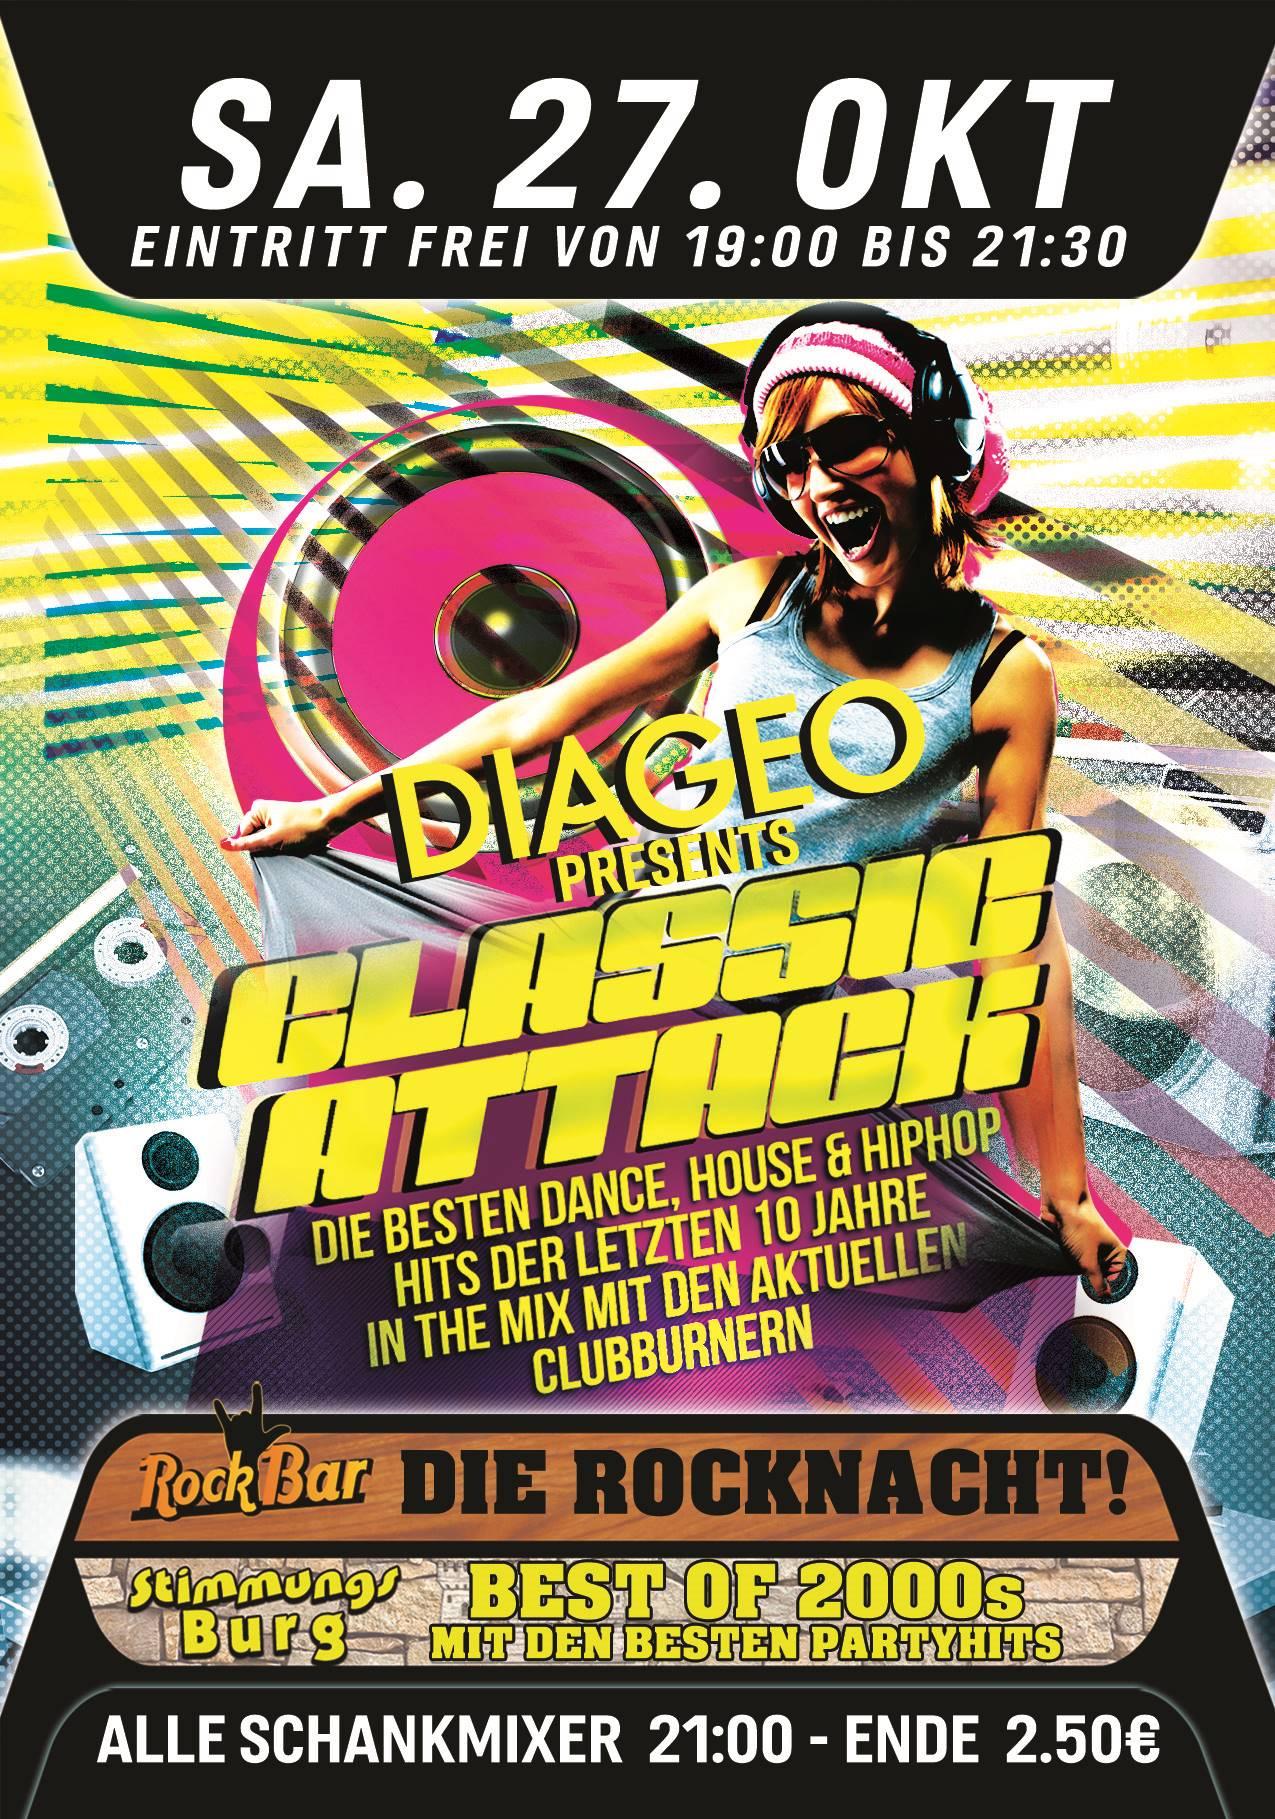 Classic Attack! Die Besten Hits der letzten 10 Jahre!